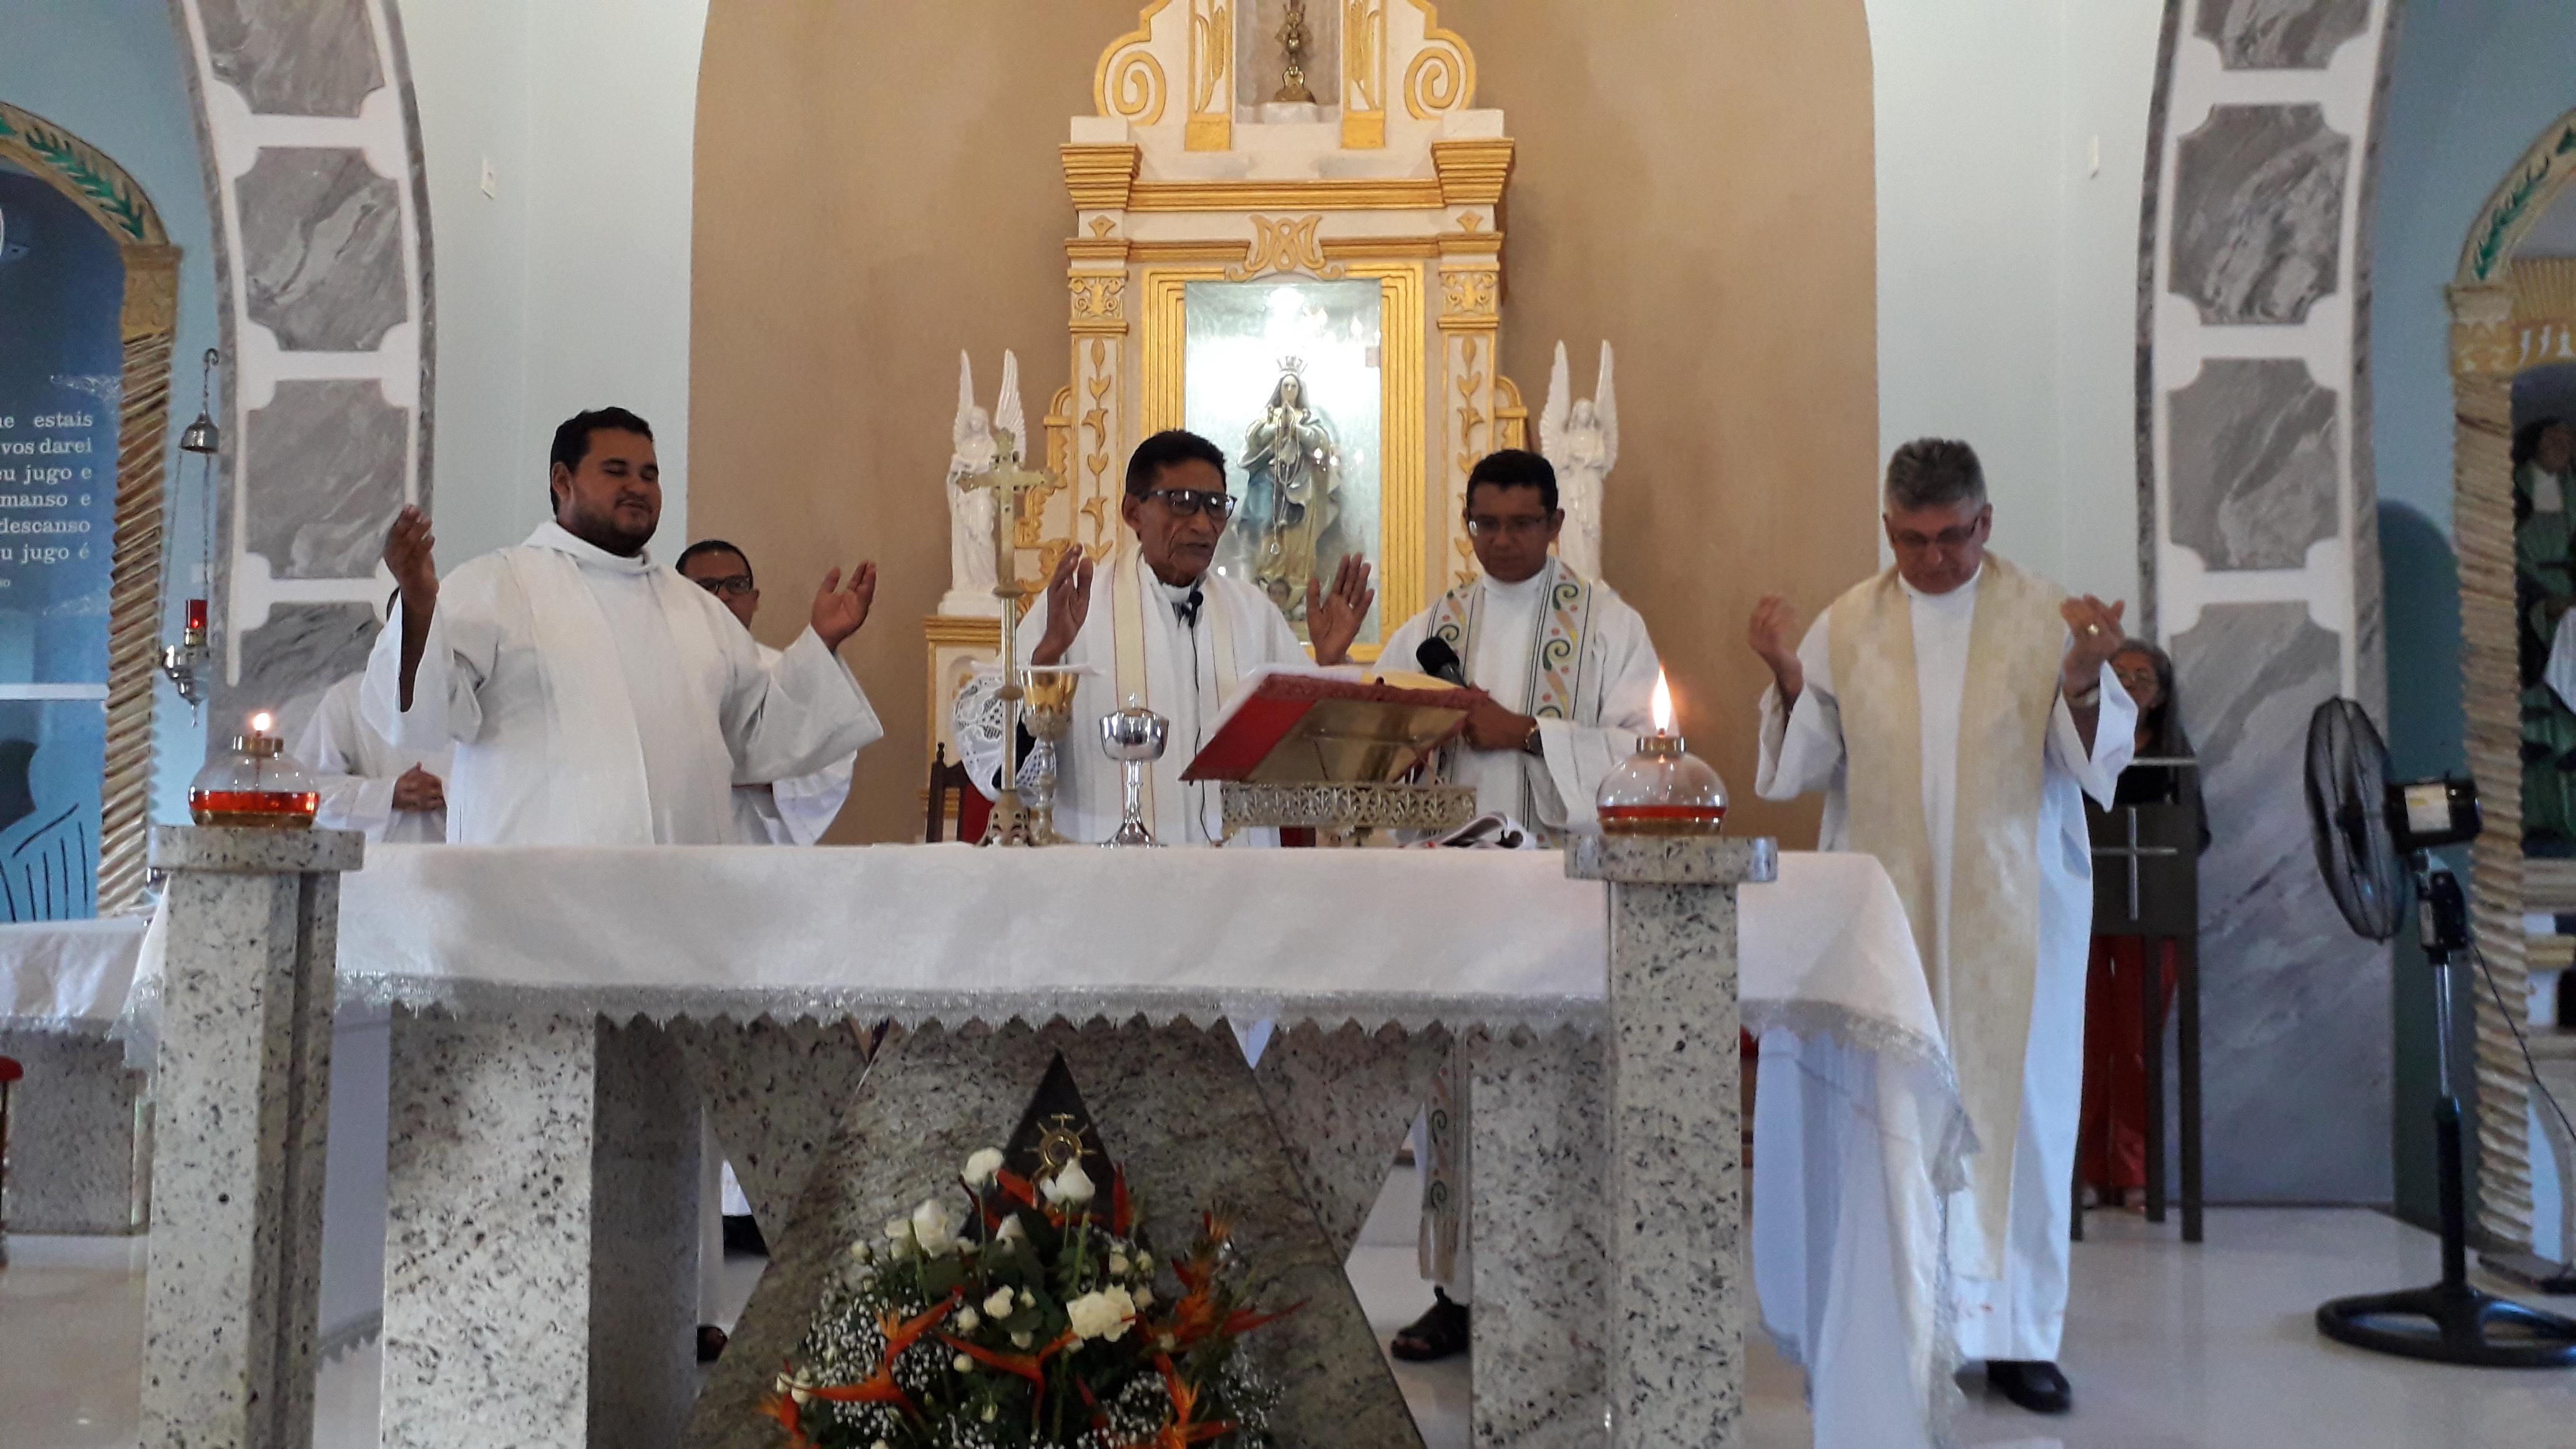 Padre Antônio Primo Celebra a Vida na Comemoração de seu Natalício